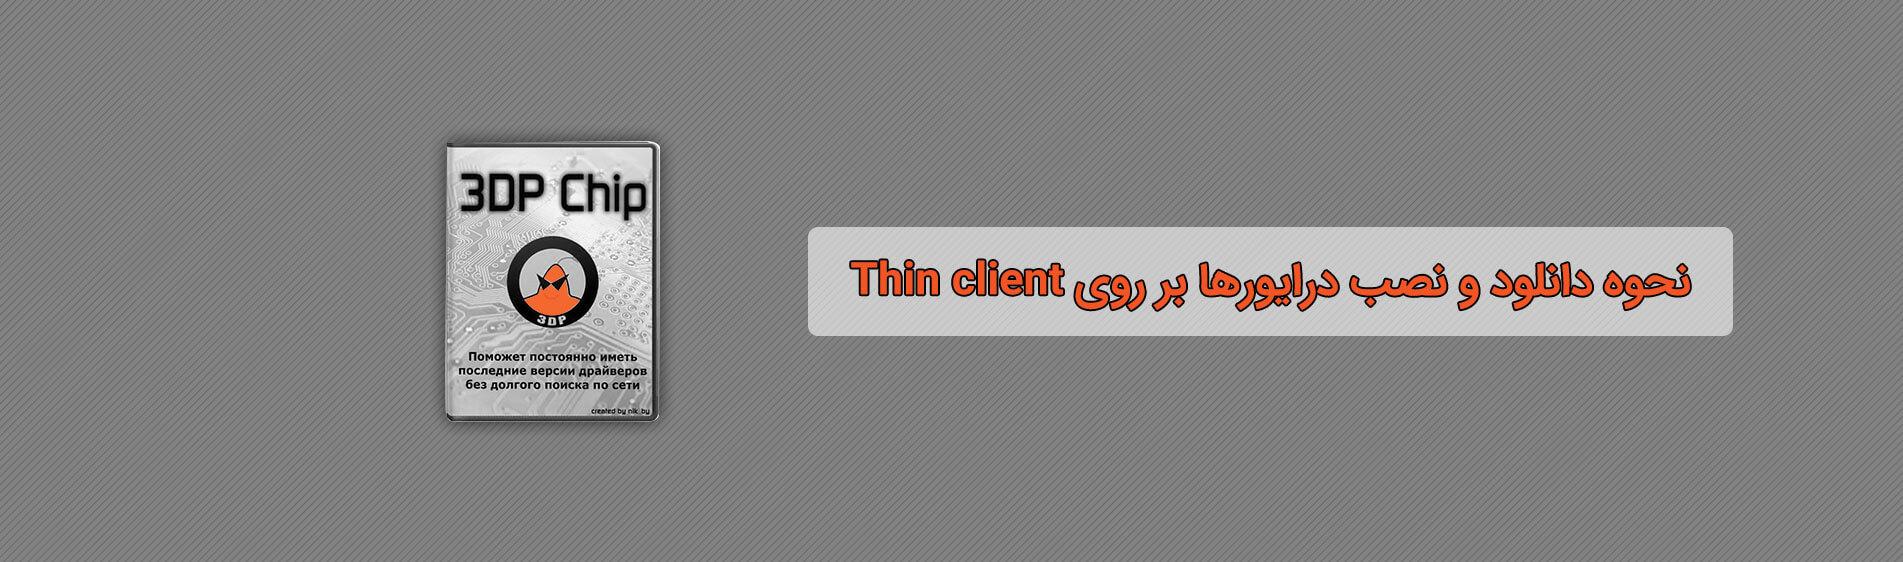 نحوه دانلود و نصب درایورها بر روی Thin client